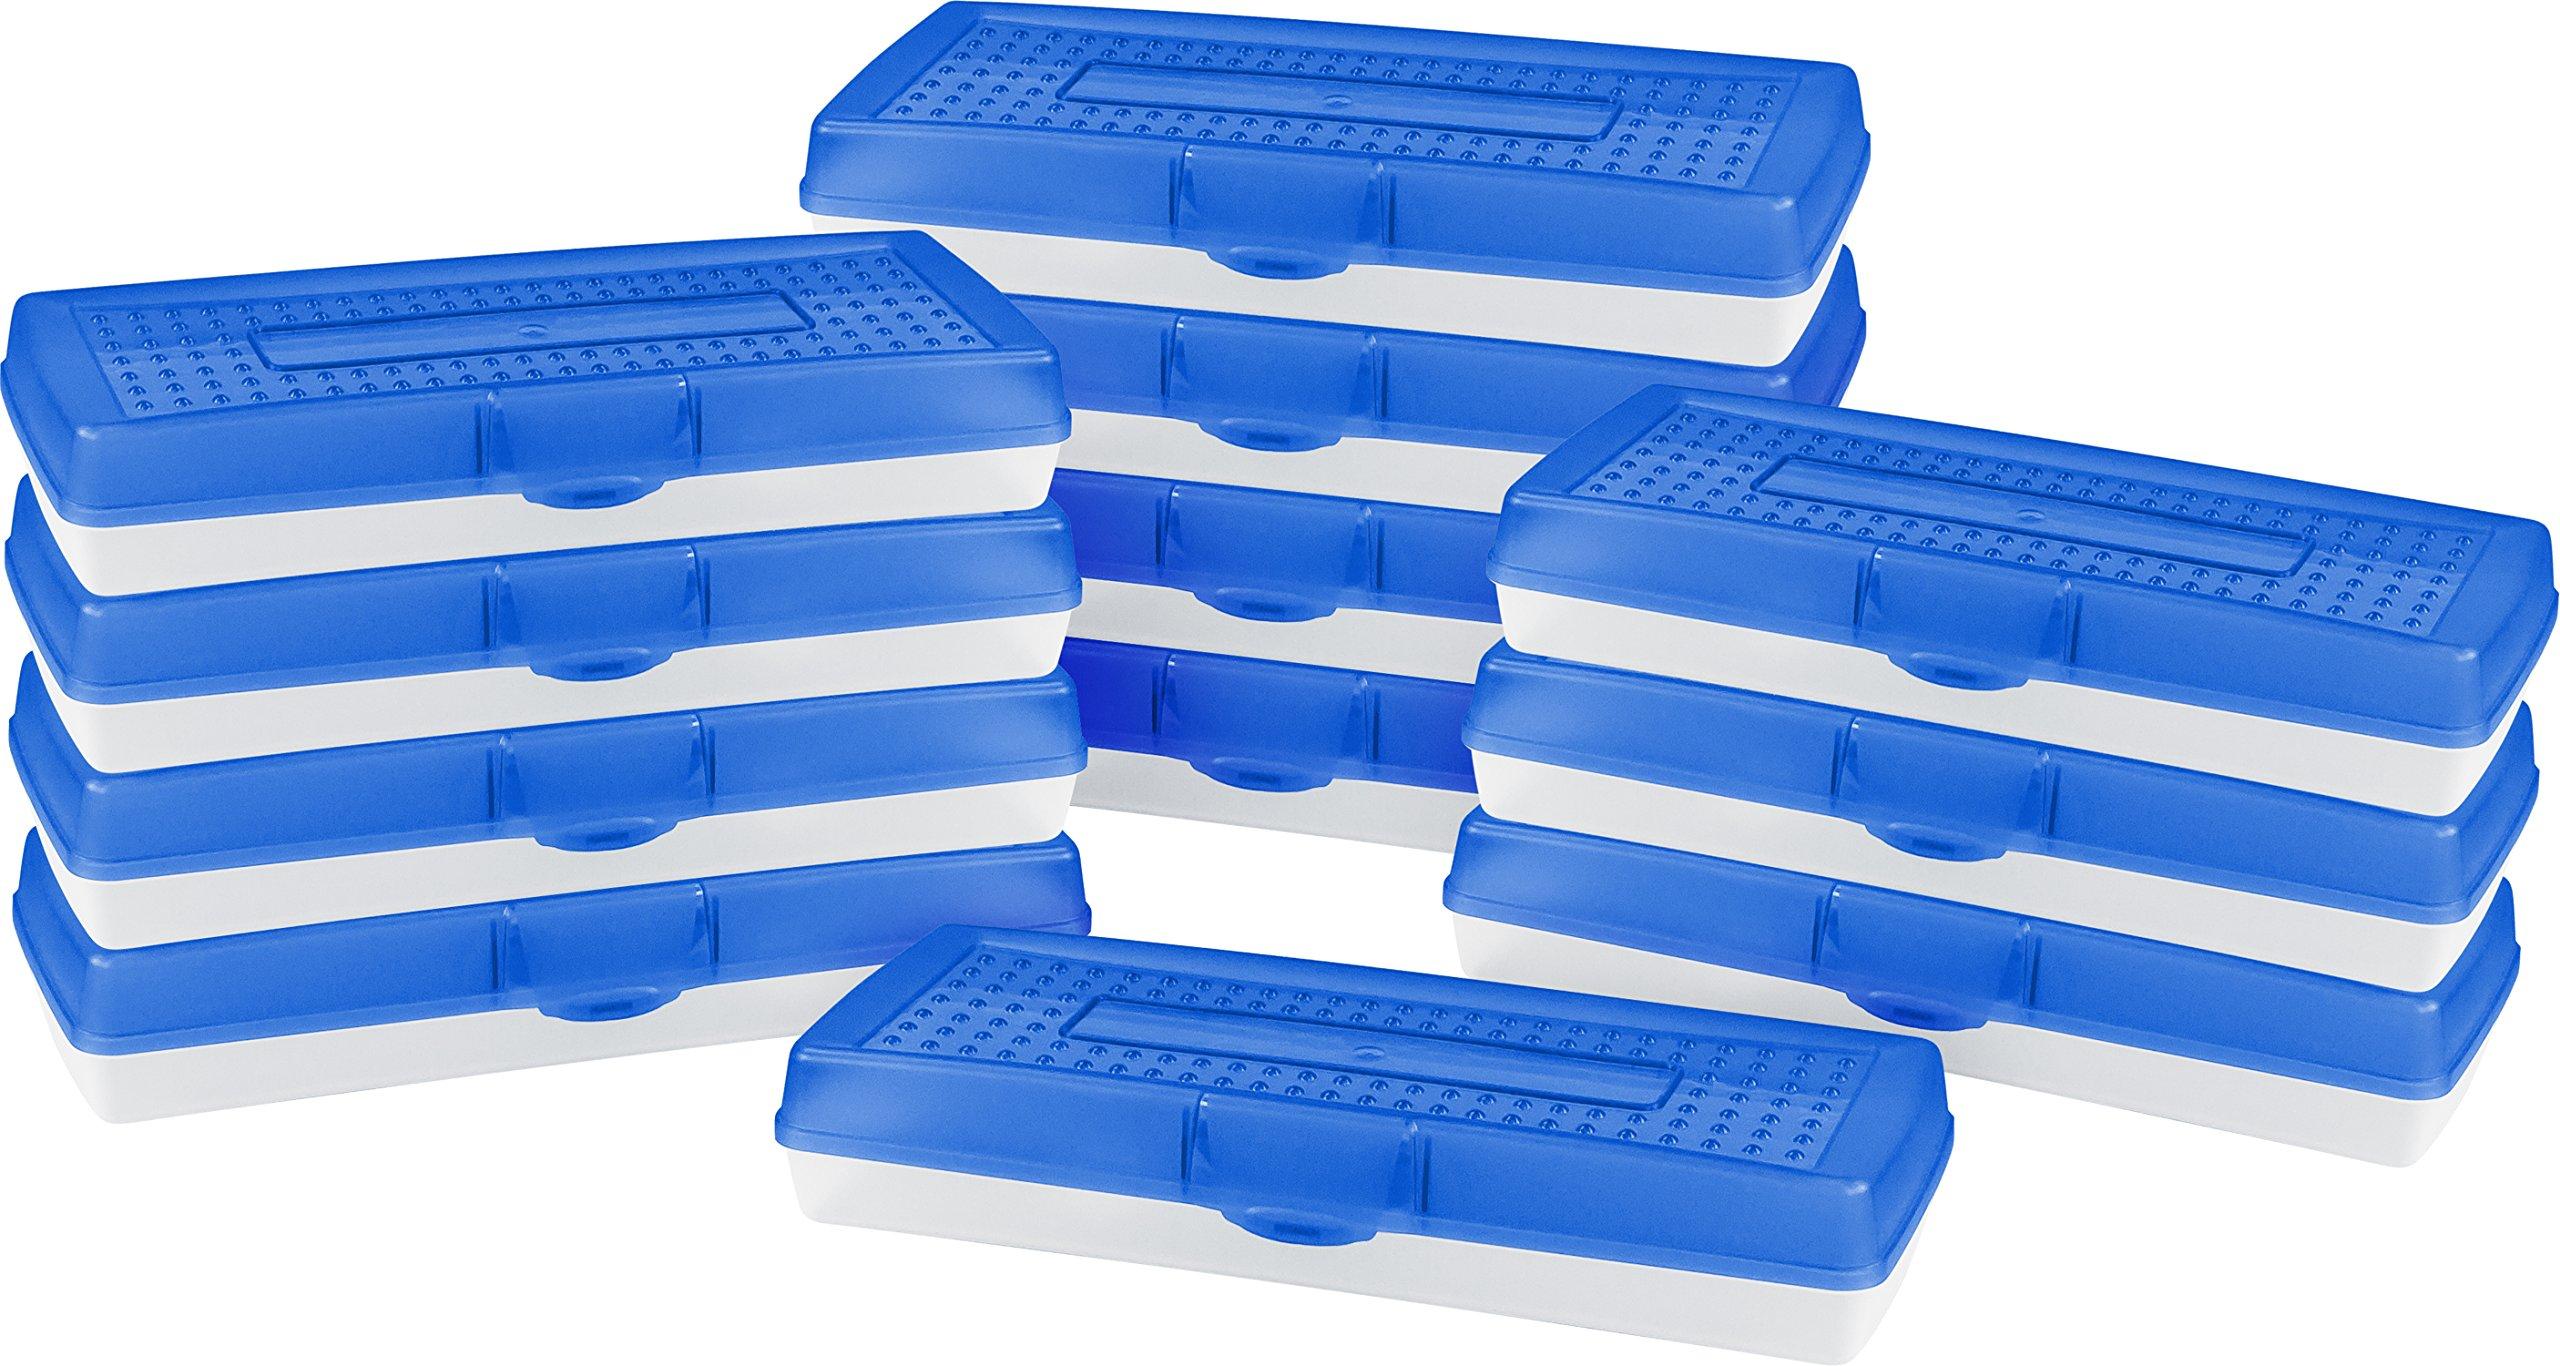 Storex Stretch Pencil Box, 5.6 x 13.4 x 2.52 Inches, Blue, Case of 12 (61467U12C)